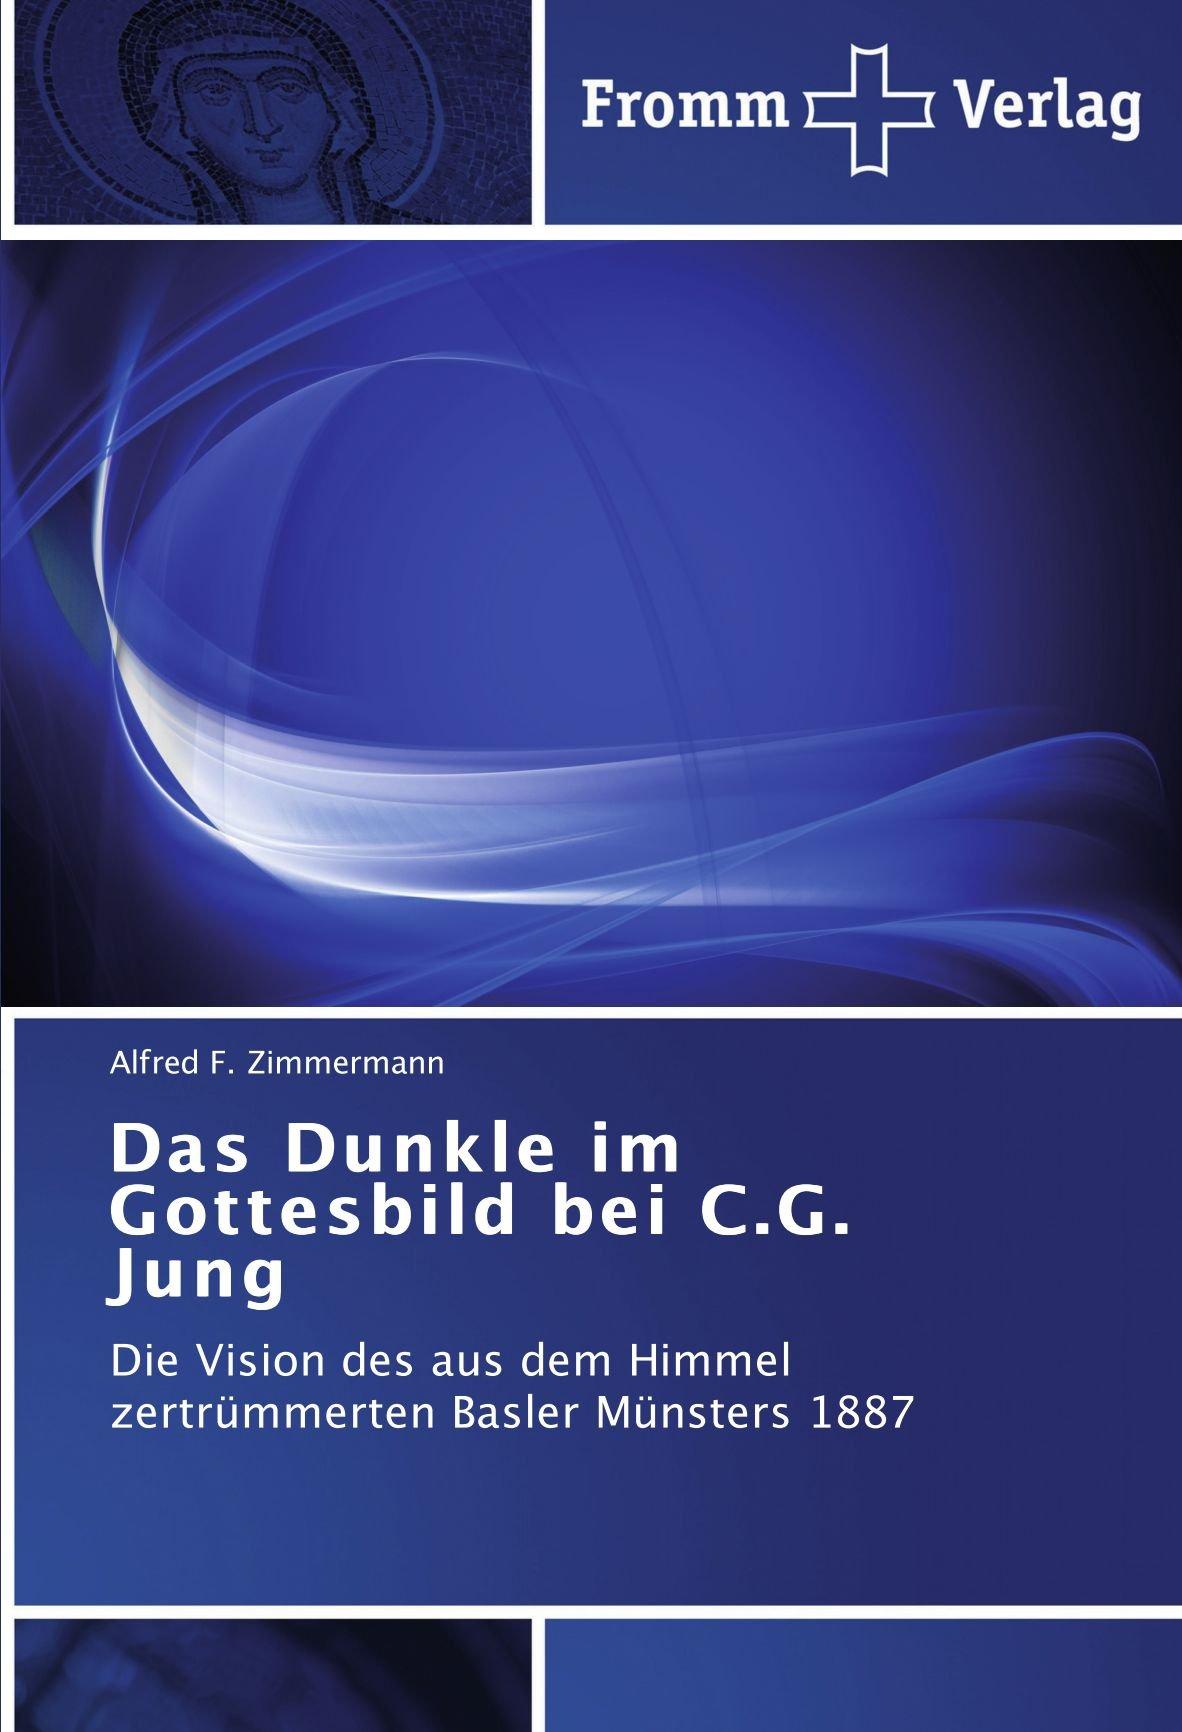 Download Das Dunkle im Gottesbild bei C.G. Jung: Die Vision des aus dem Himmel zertrümmerten Basler Münsters 1887 (German Edition) PDF